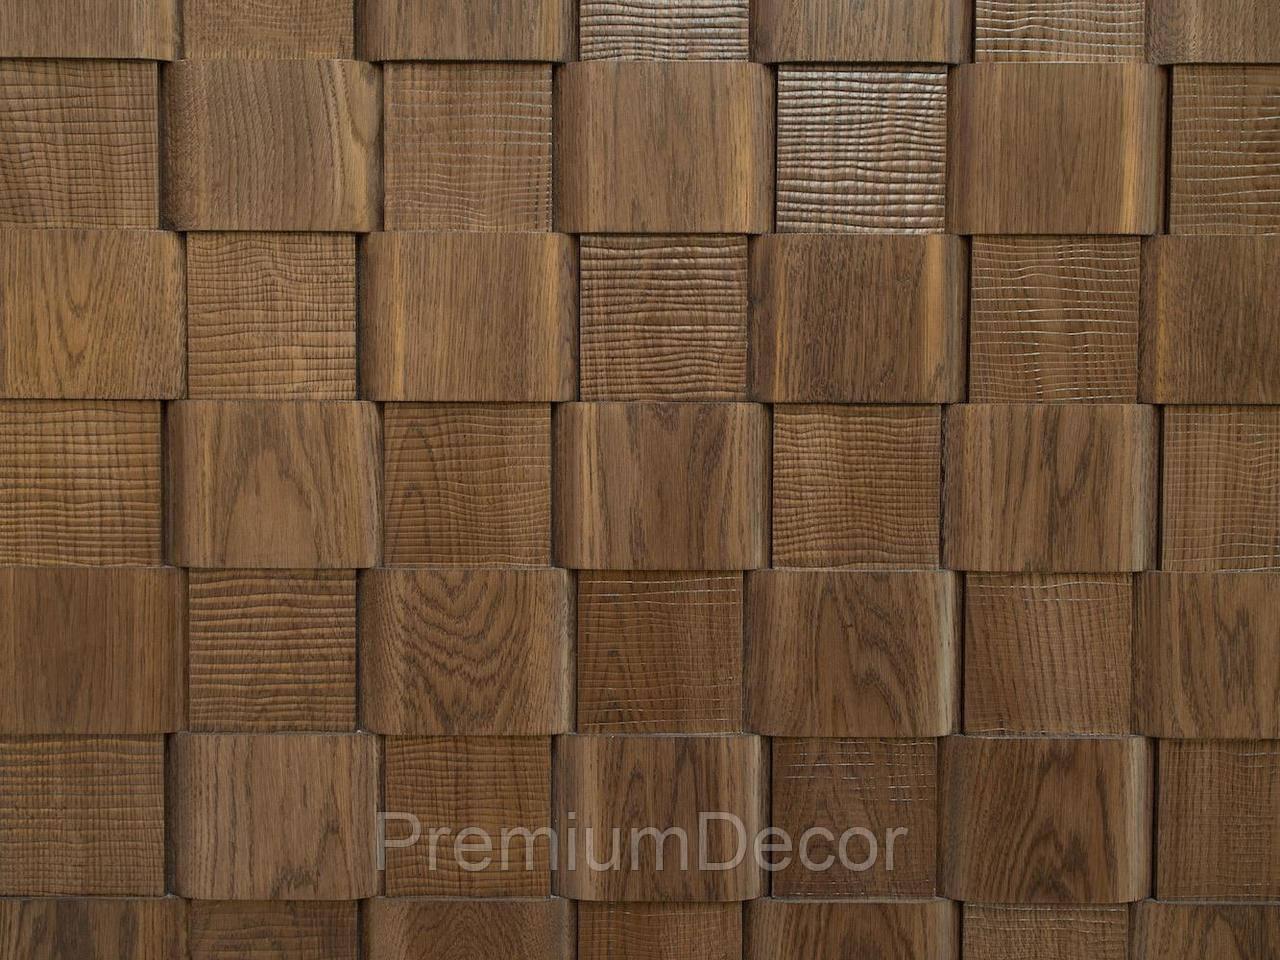 Деревянные 3Д панели стеновые ОСЛО мозаика с дерева дуб, ясень